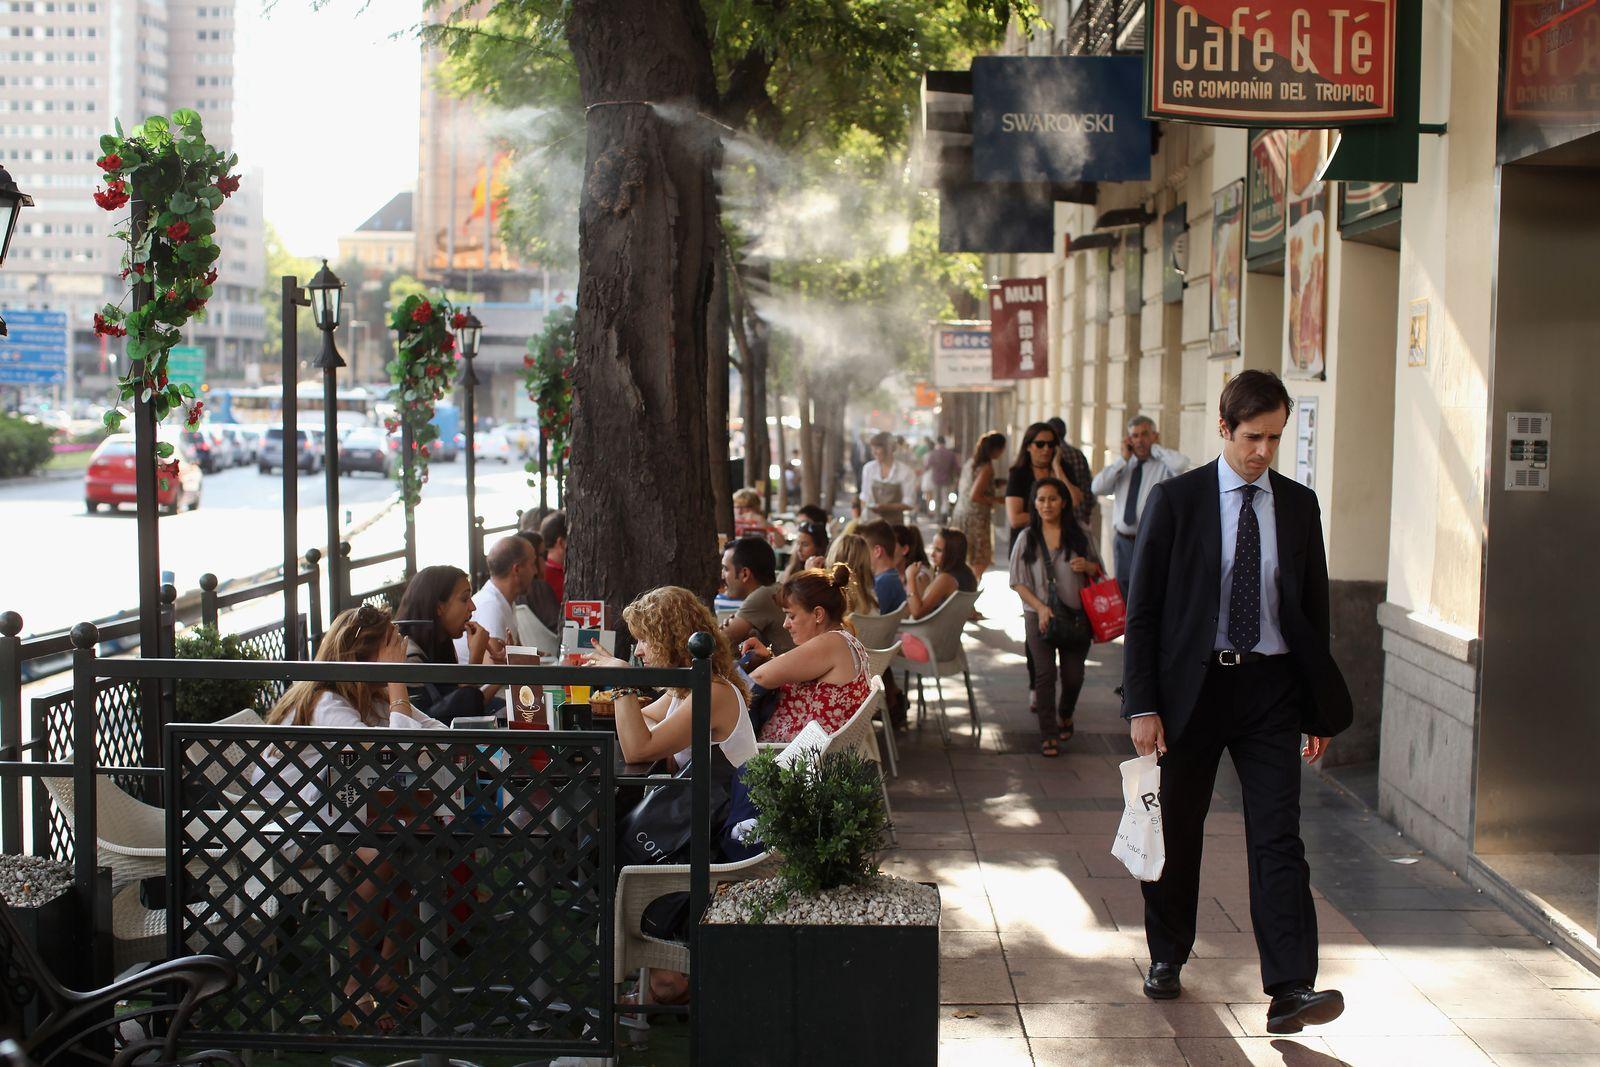 Lokal / Cafe / Madrid / Spanien